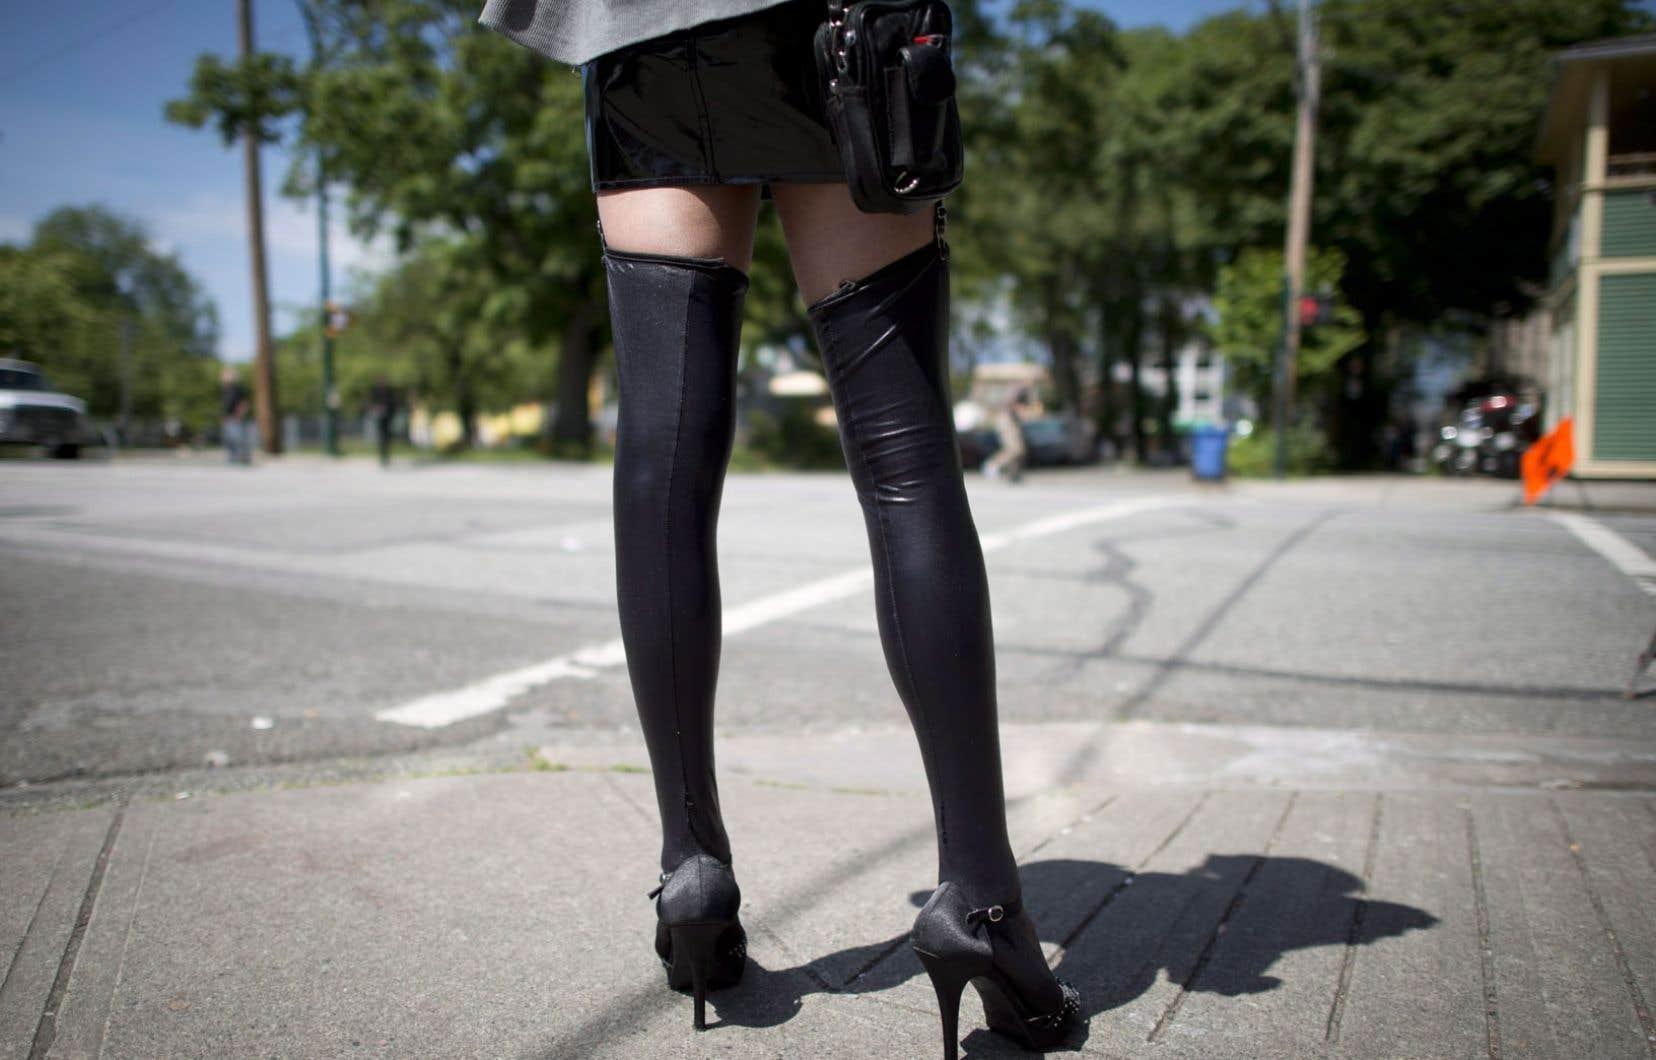 Le projet de loi sur la prostitution recueille appuis et critiques de la part des féministes et autres défendeurs de l'égalité homme-femmes.